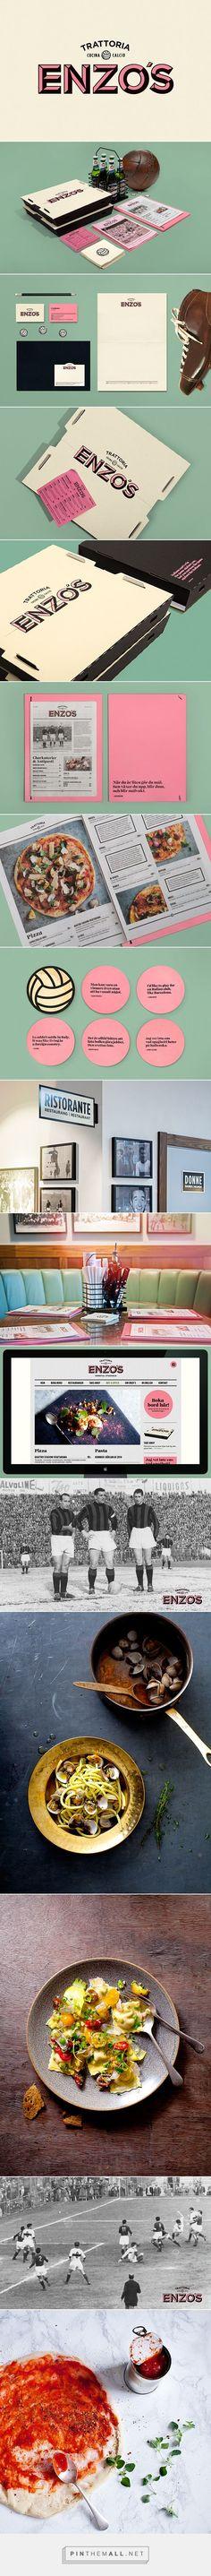 Enzo's Branding on Behance | Fivestar Branding – Design and Branding Agency & Inspiration Gallery